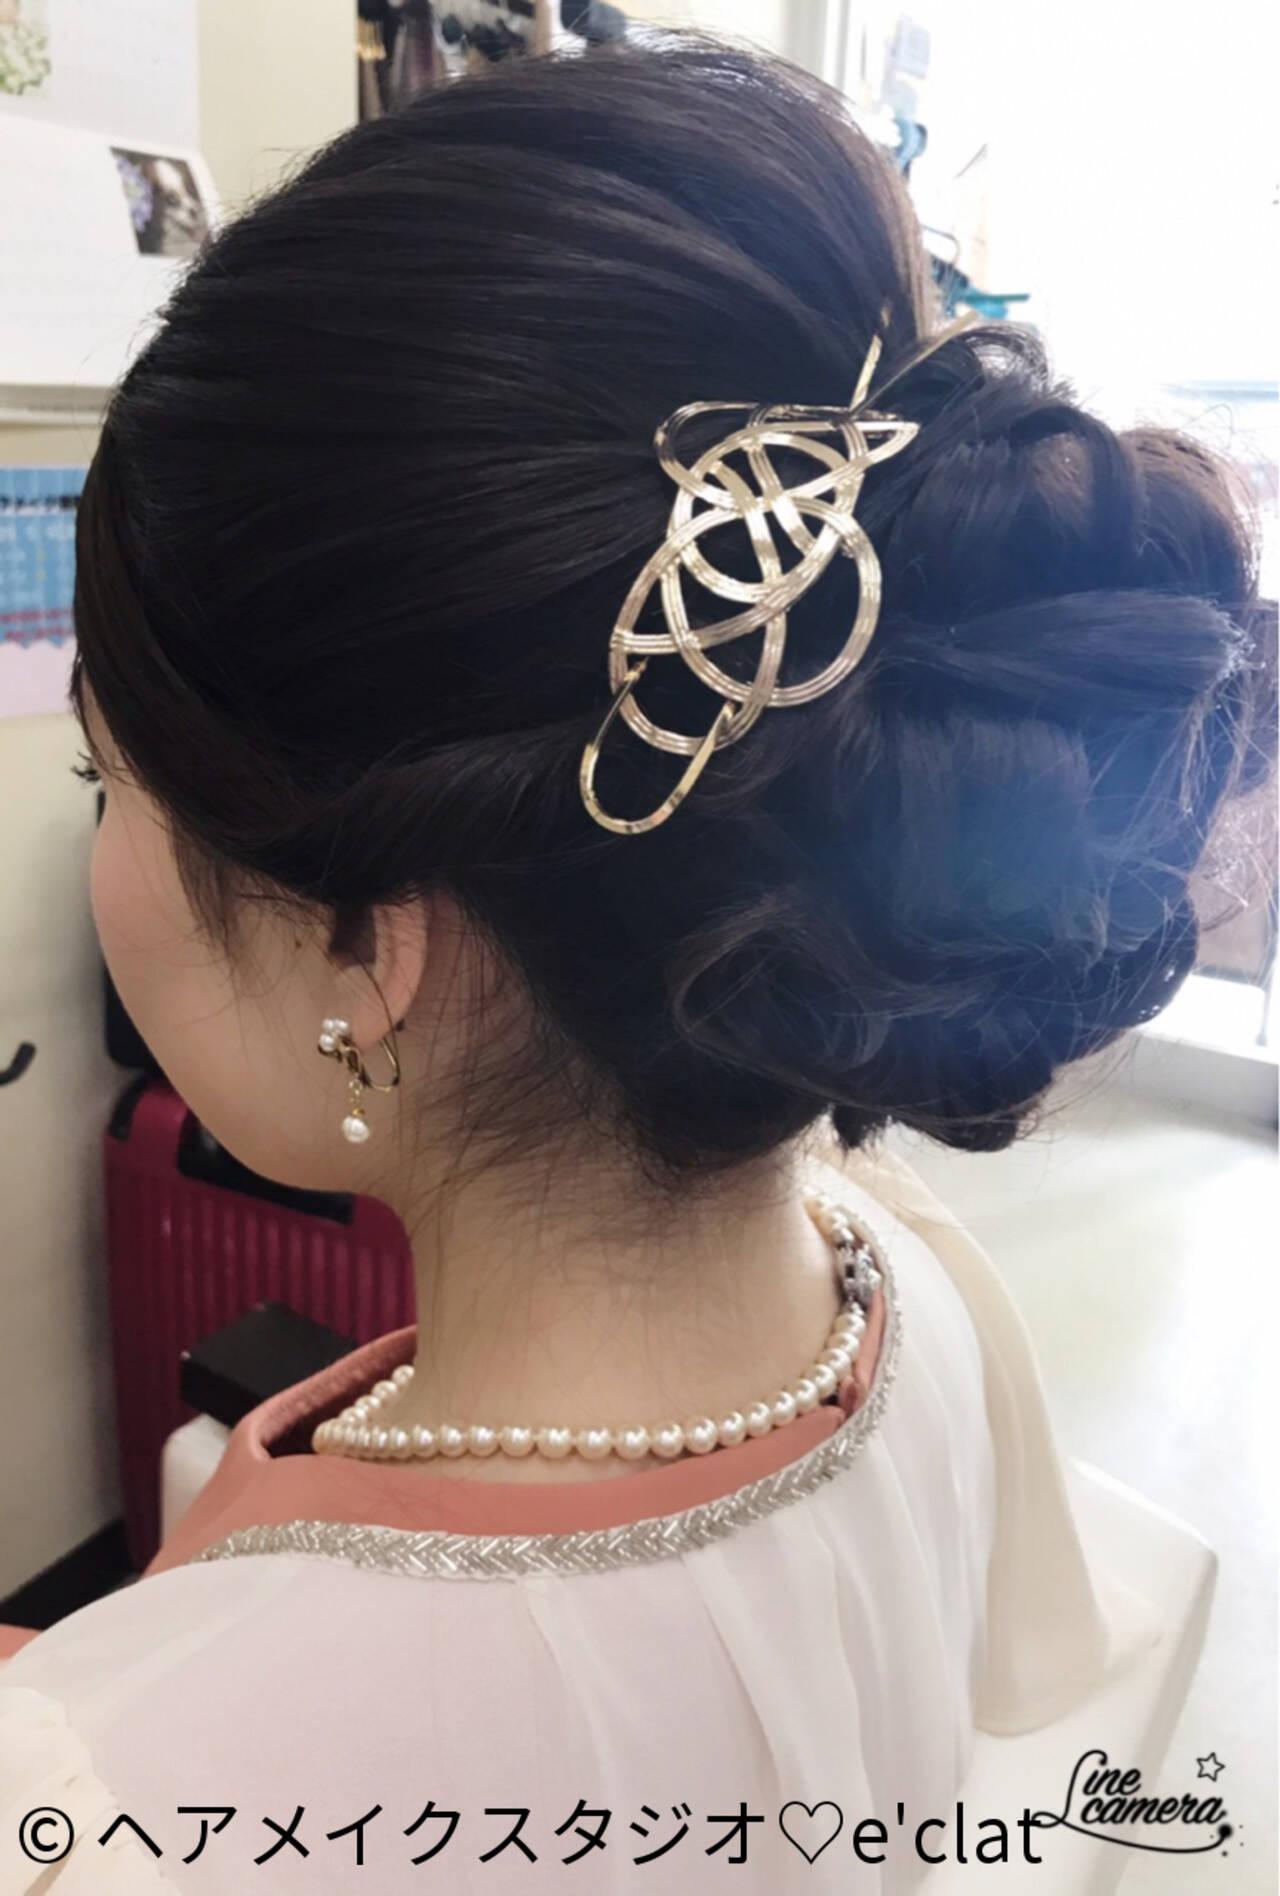 シニヨン 大人女子 抜け感 ヘアアレンジヘアスタイルや髪型の写真・画像